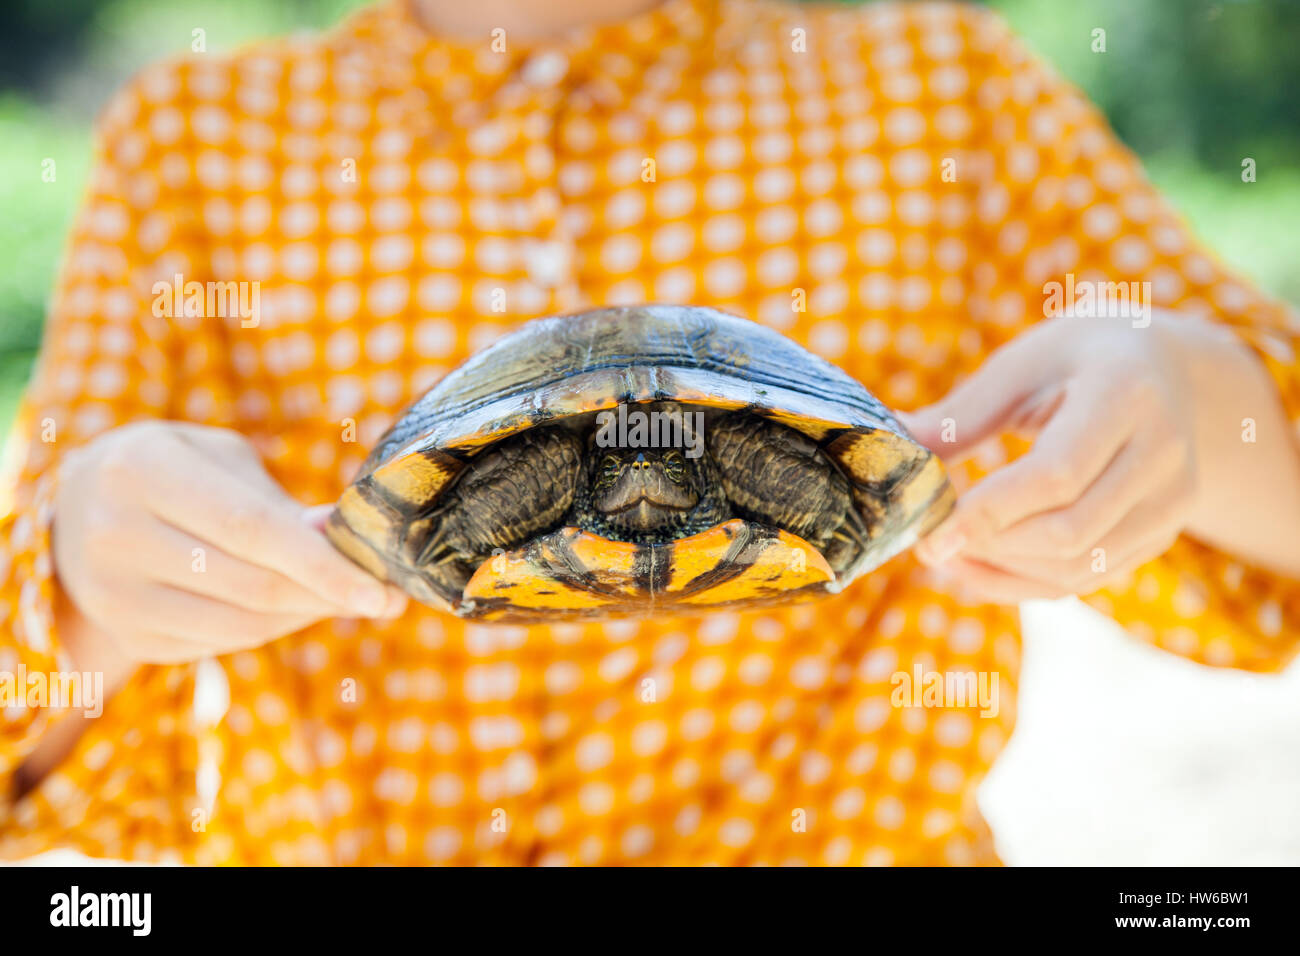 La celebración de una tortuga Imagen De Stock